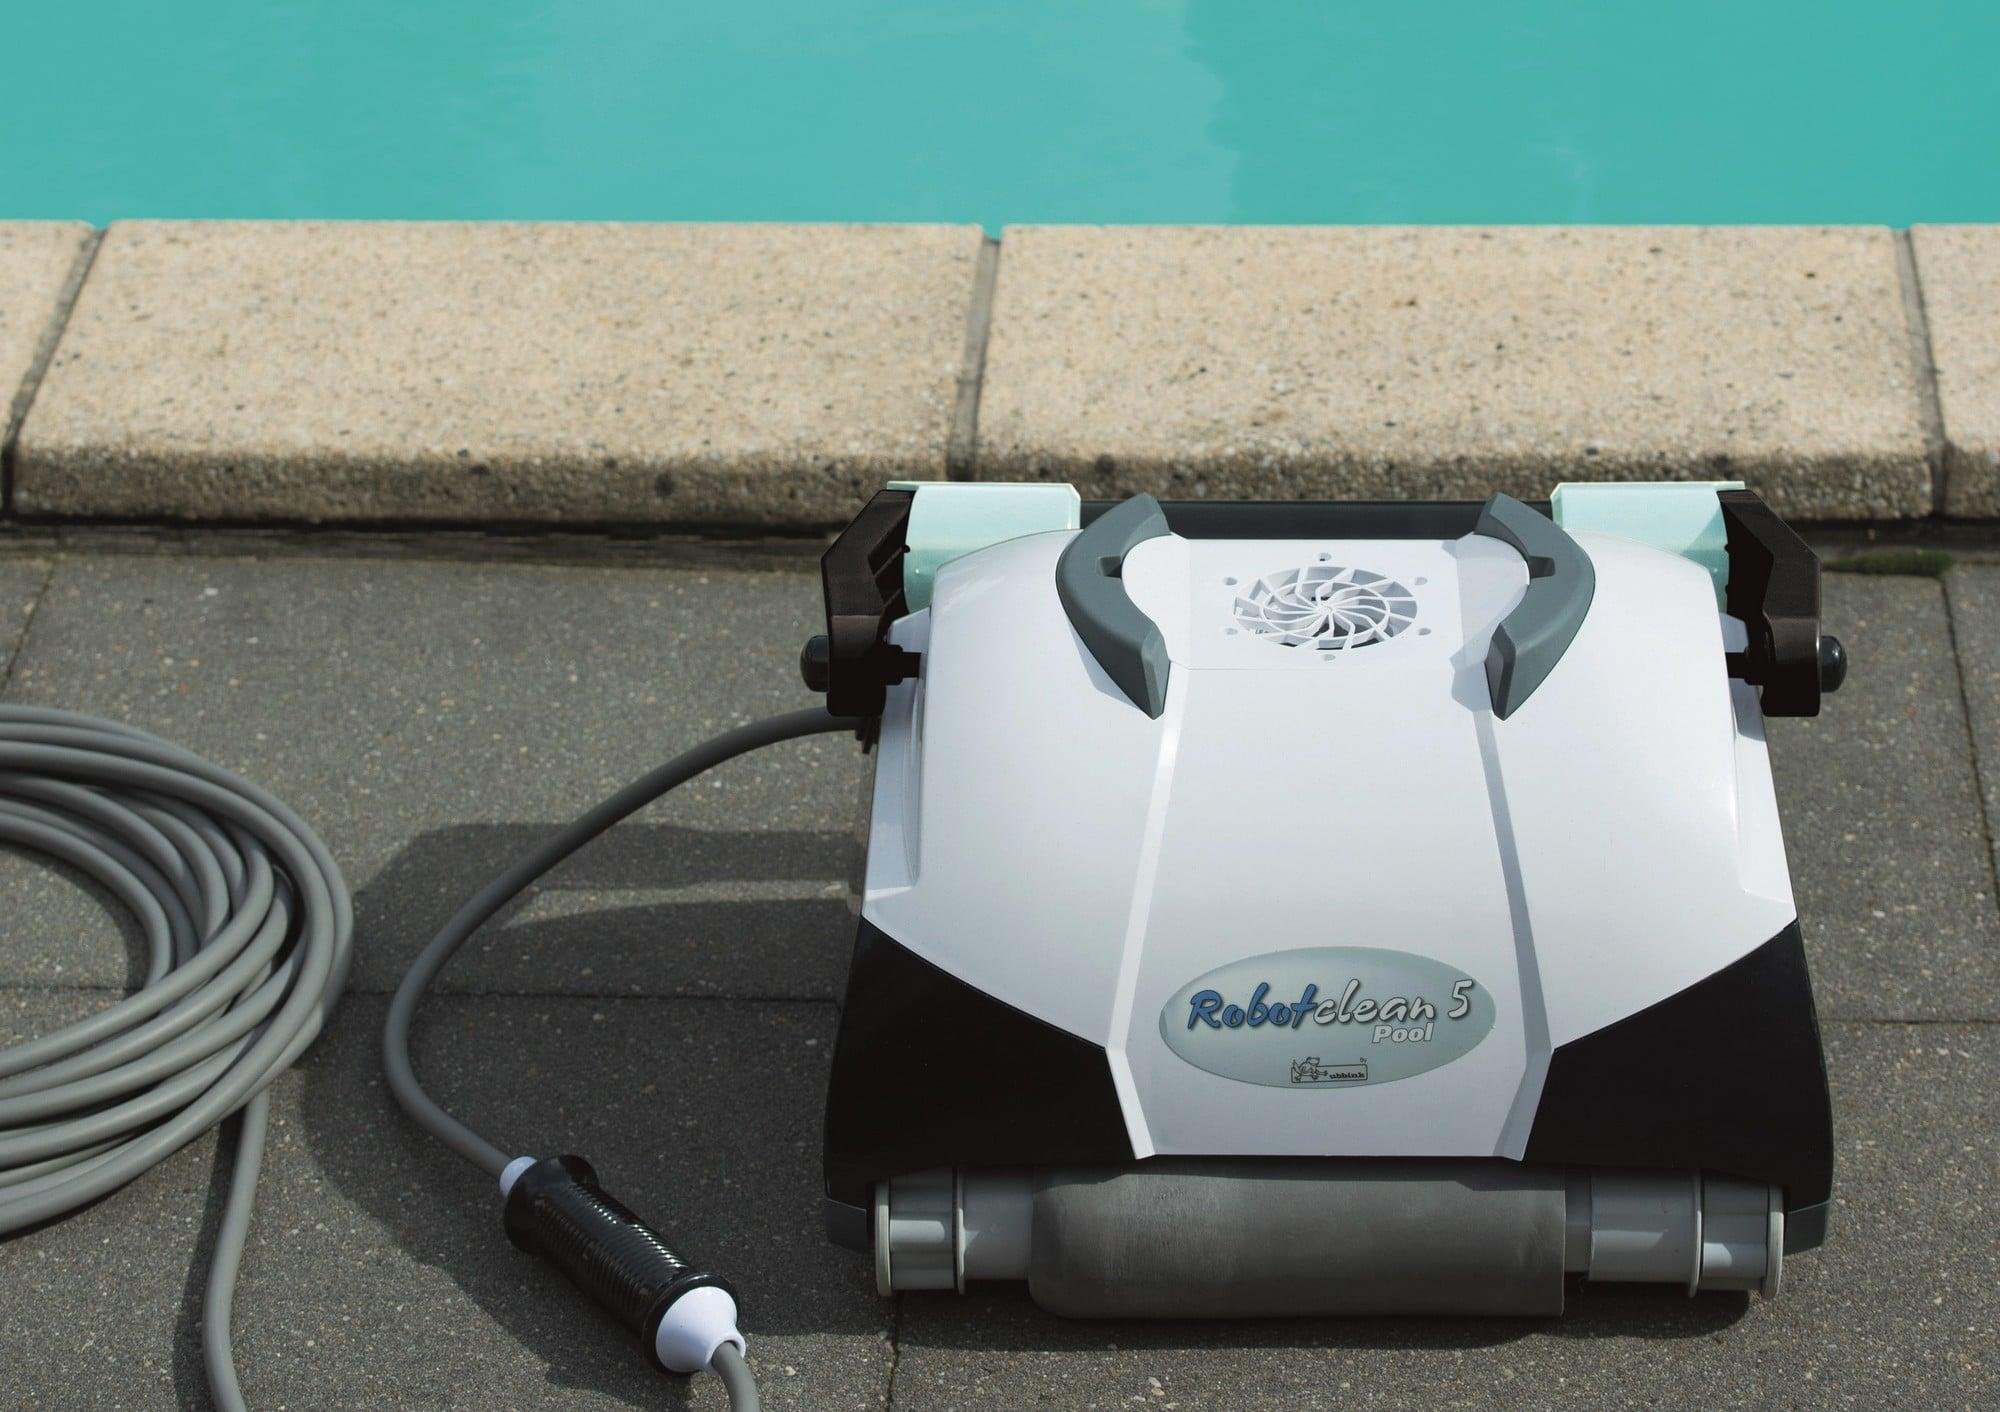 Conseils pour une bonne utilisation robot piscine électrique